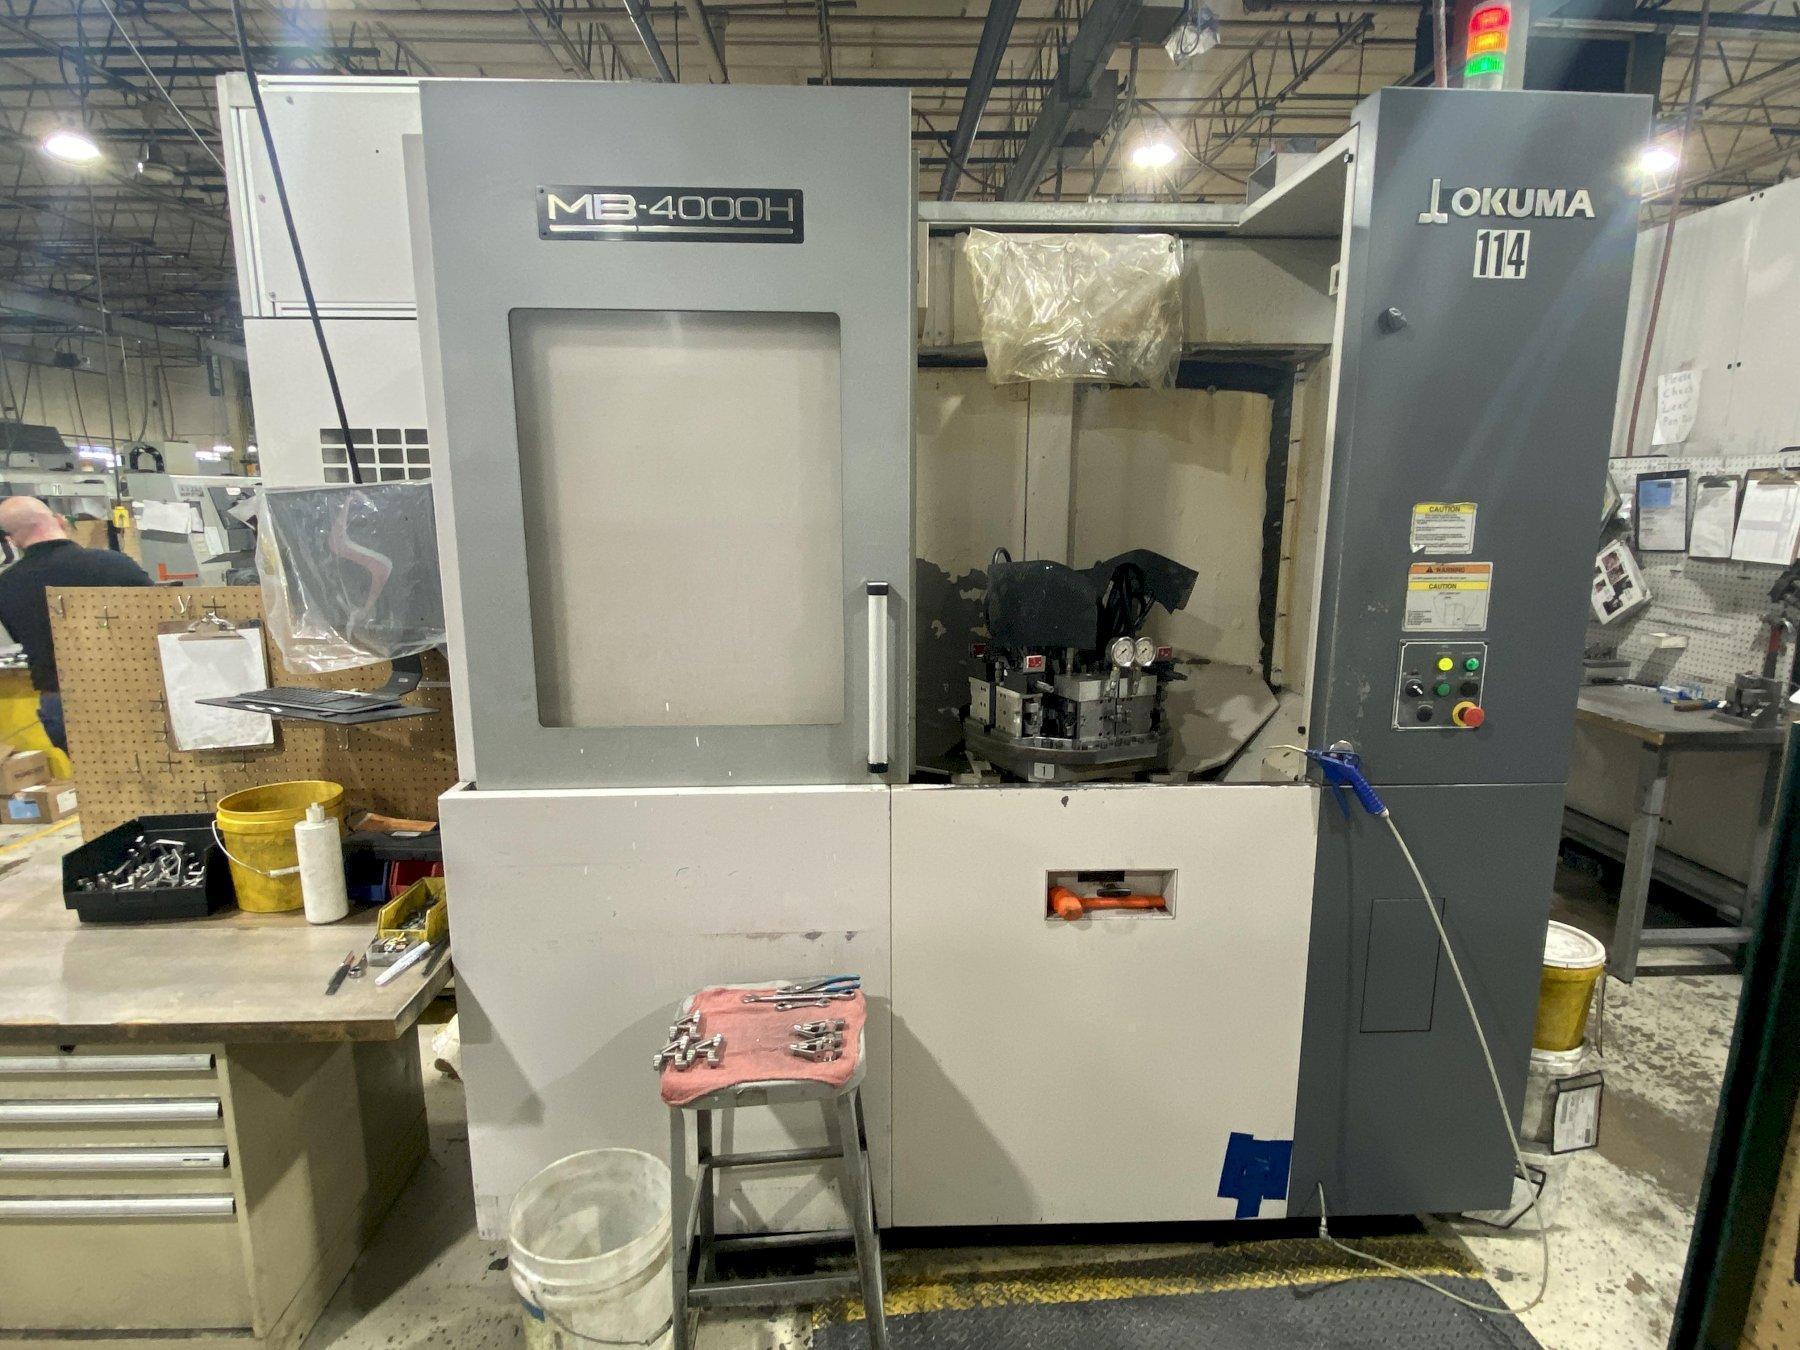 OKUMA MB4000H CNC Horizontal Machining Center